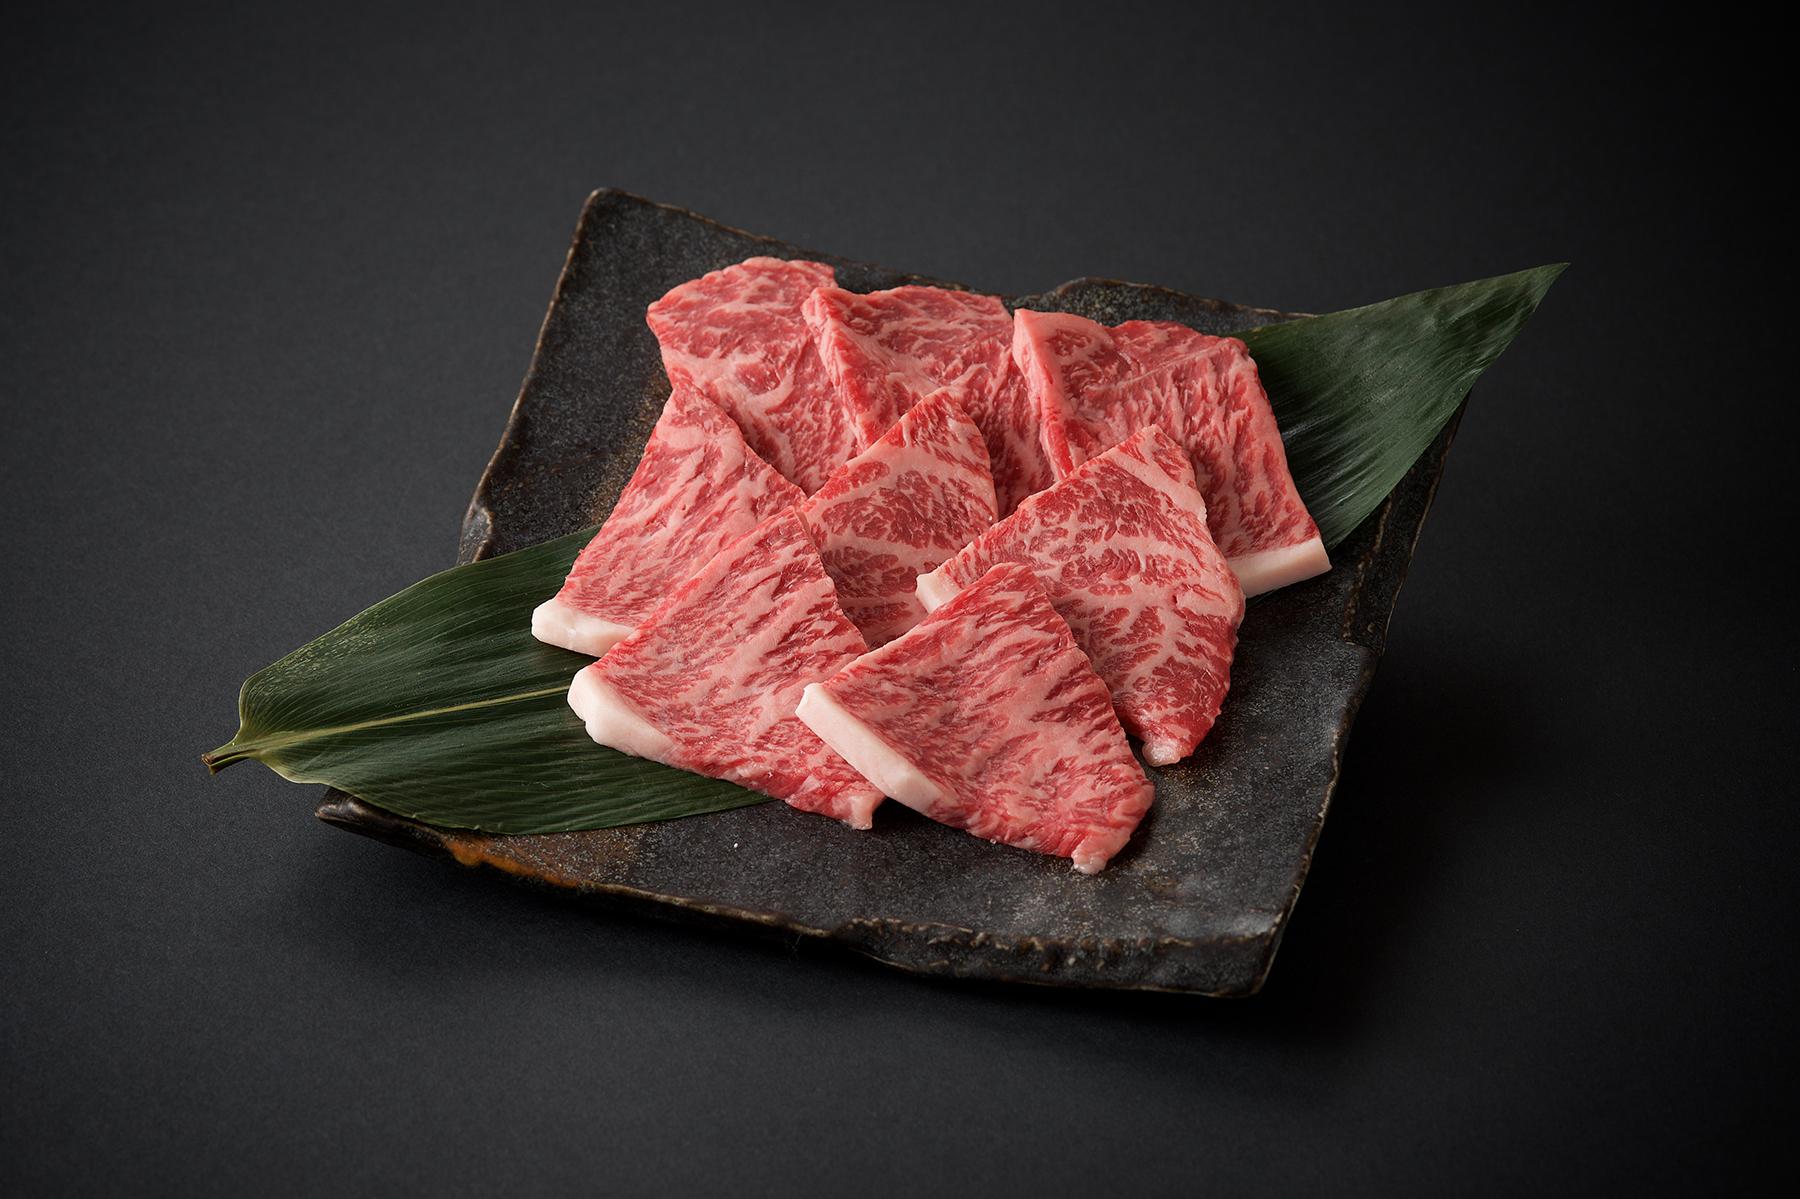 九州産黒毛和牛 いちぼ焼肉・100g